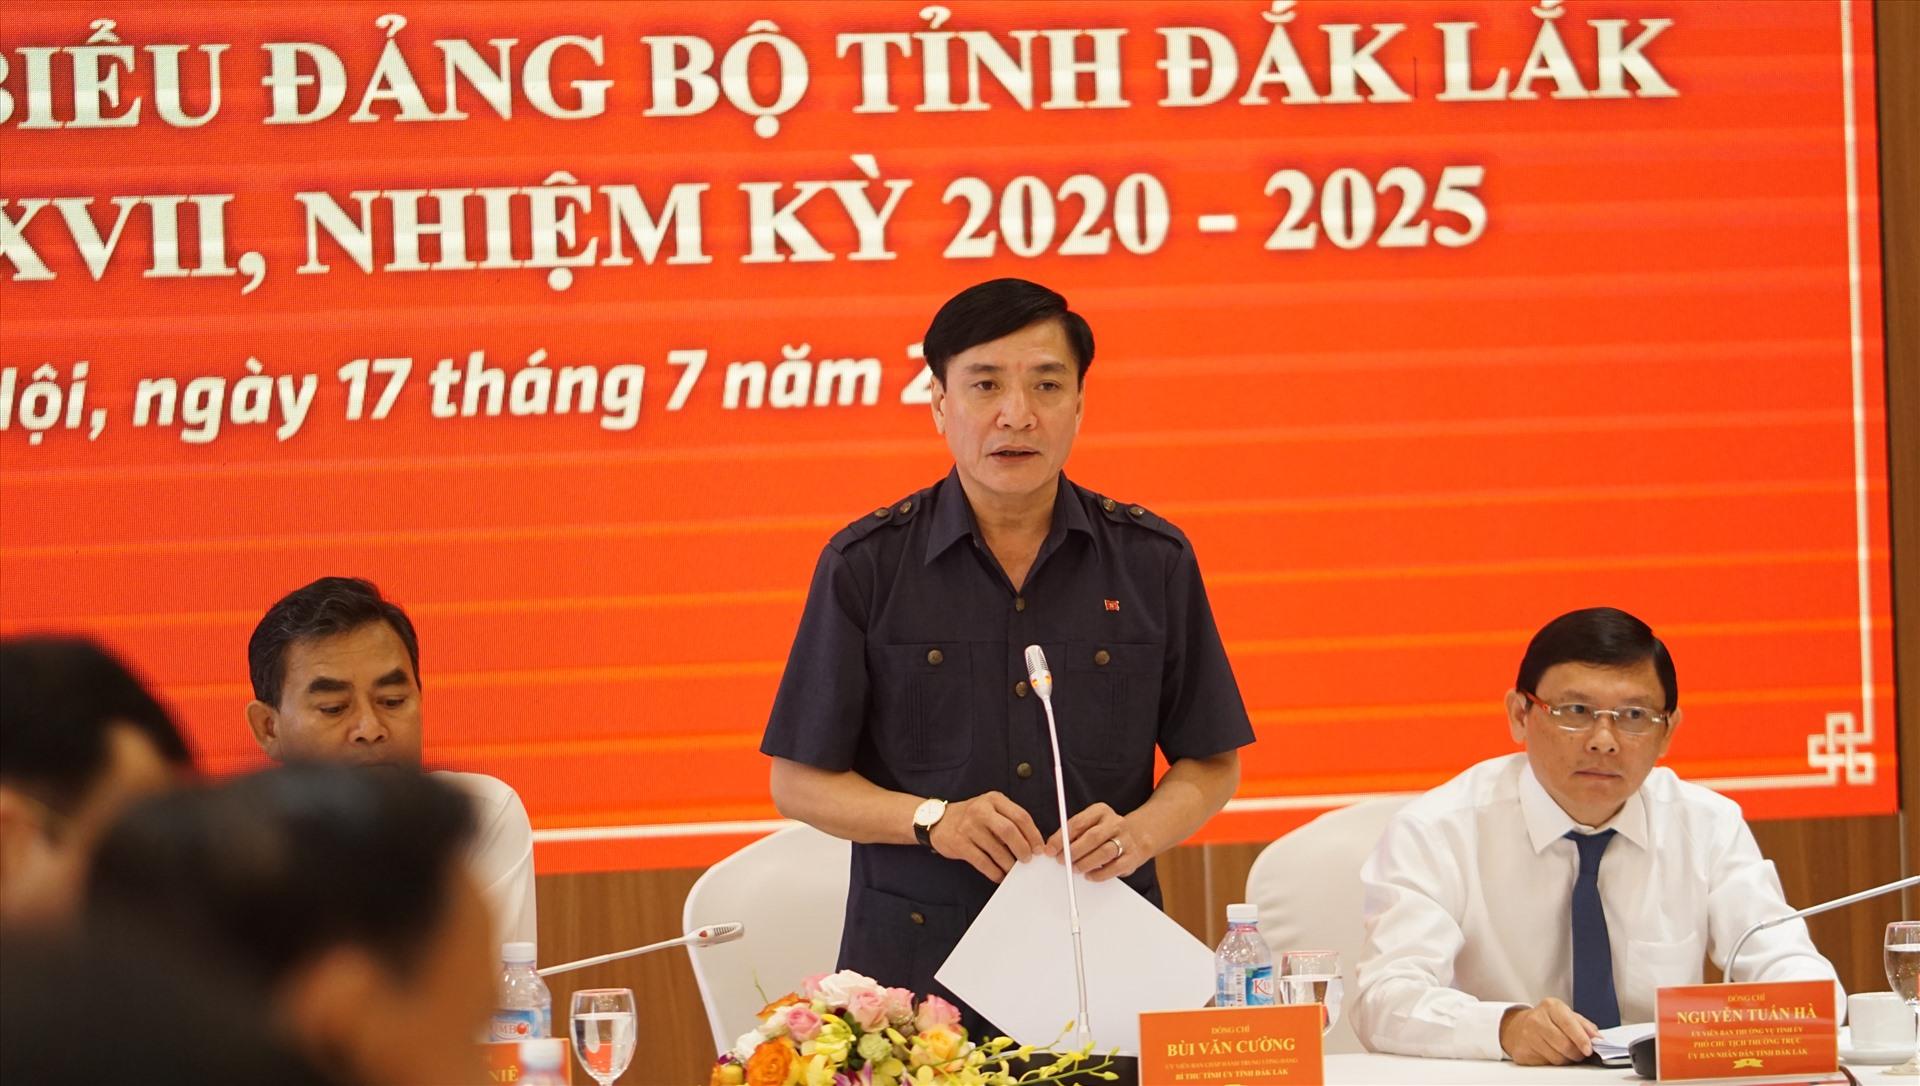 Đại hội Đảng bộ các cấp phải chọn khâu đột phá cho nhiệm kỳ 2020-2025